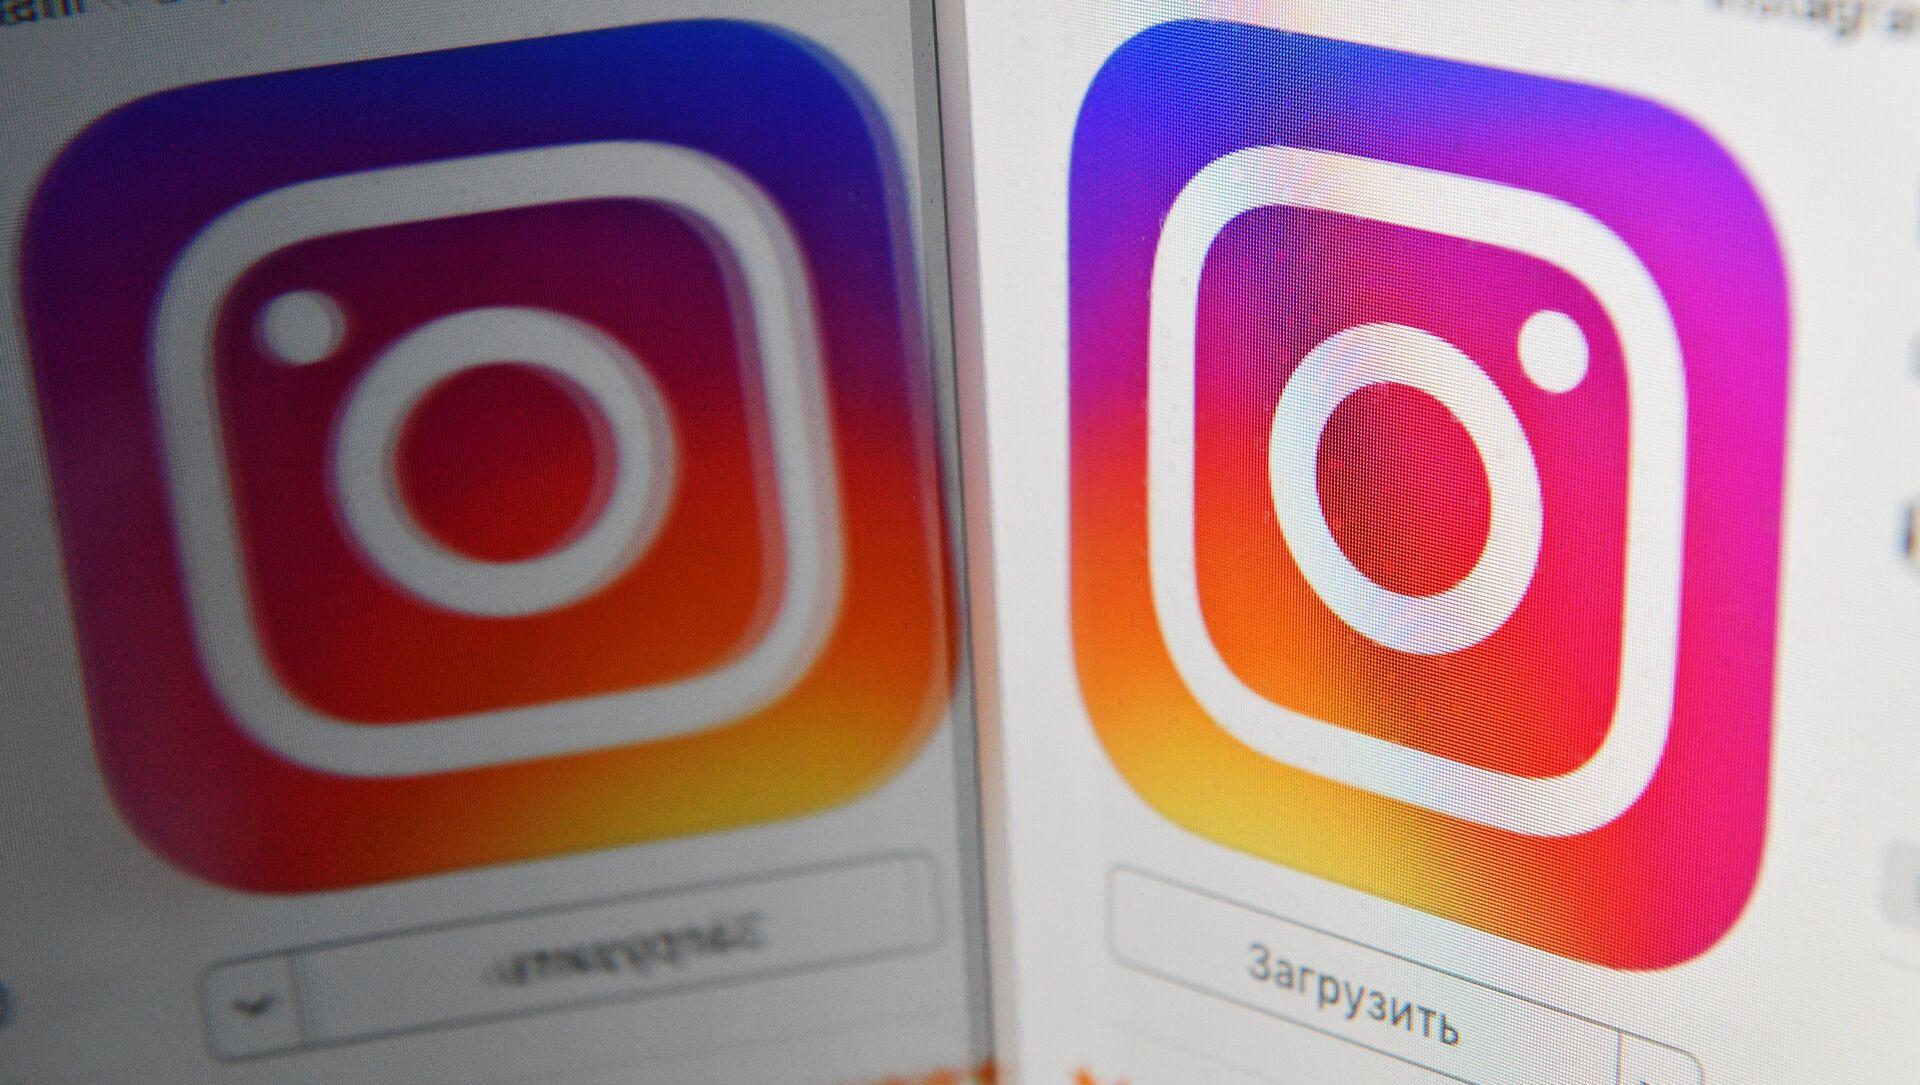 Biểu tượng mạng xã hội Instagram trên màn hình điện thoại thông minh - Sputnik Việt Nam, 1920, 26.06.2021